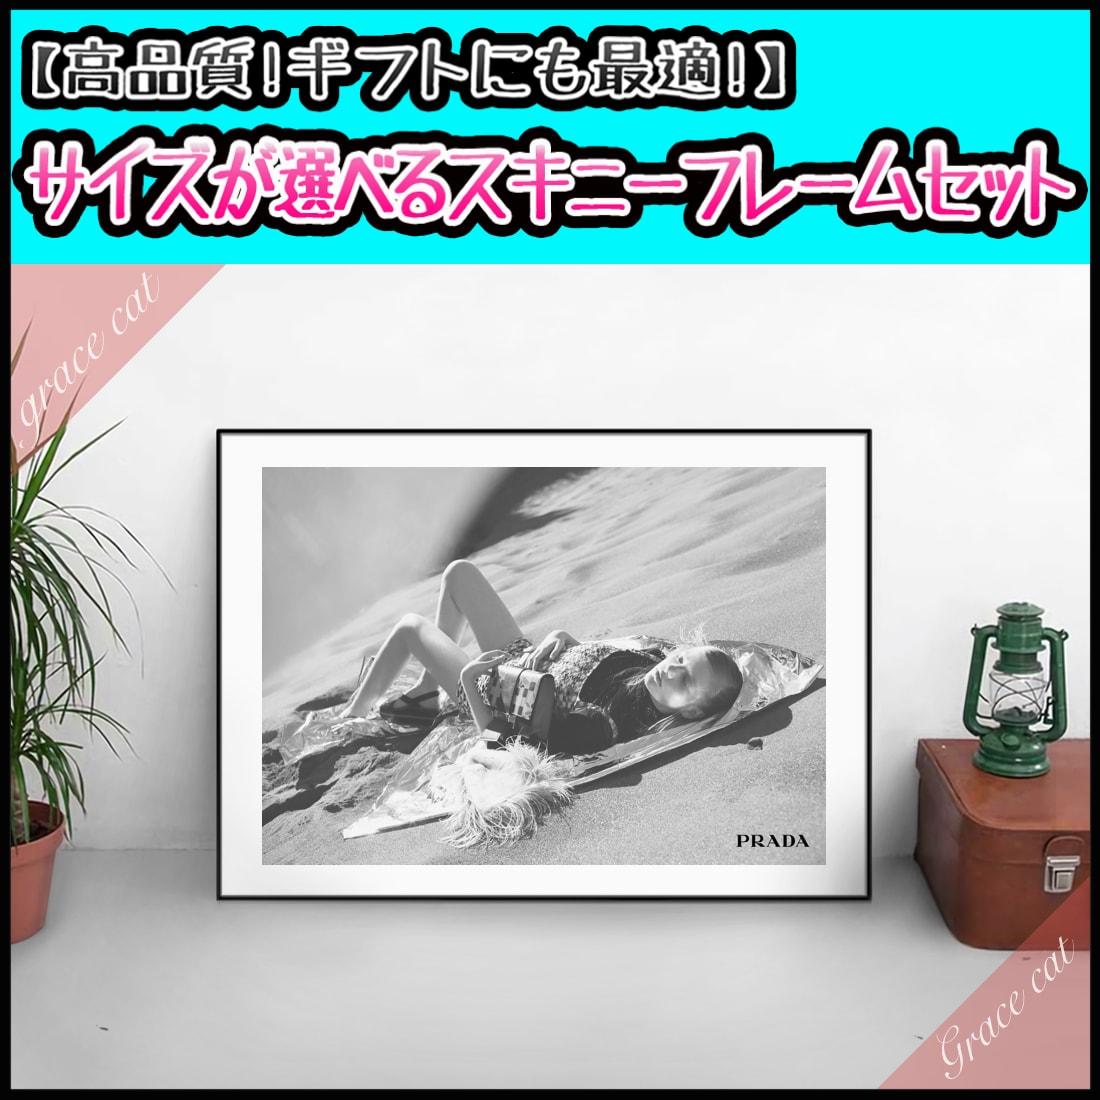 【 Grace cat Art 】サイズが選べるアートポスター + アルミスキニーフレーム額装セット / アート / キャンバス アート / グラフィック アート / インテリア アート / パロディアート / ギフト 【 オマージュモチーフ:PRADA / プラダ 】